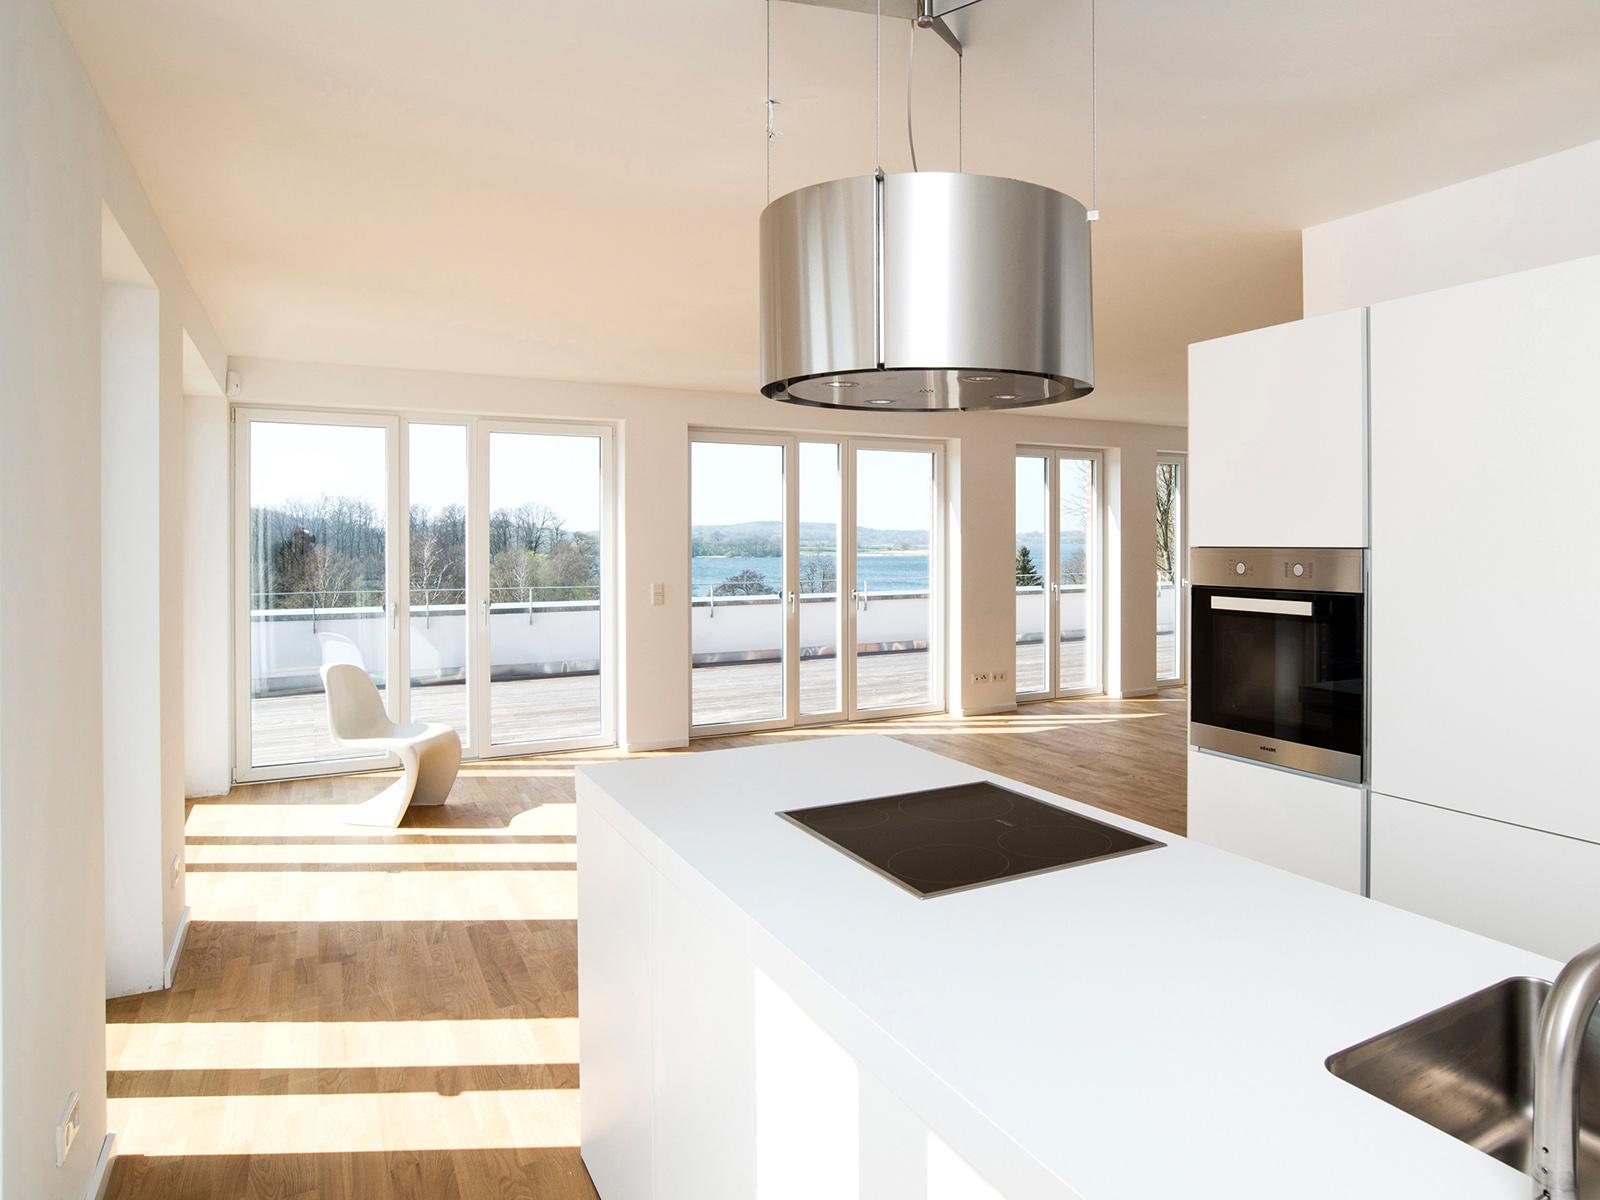 DS Immobilien: Schöner Wohnen mit Seeblick